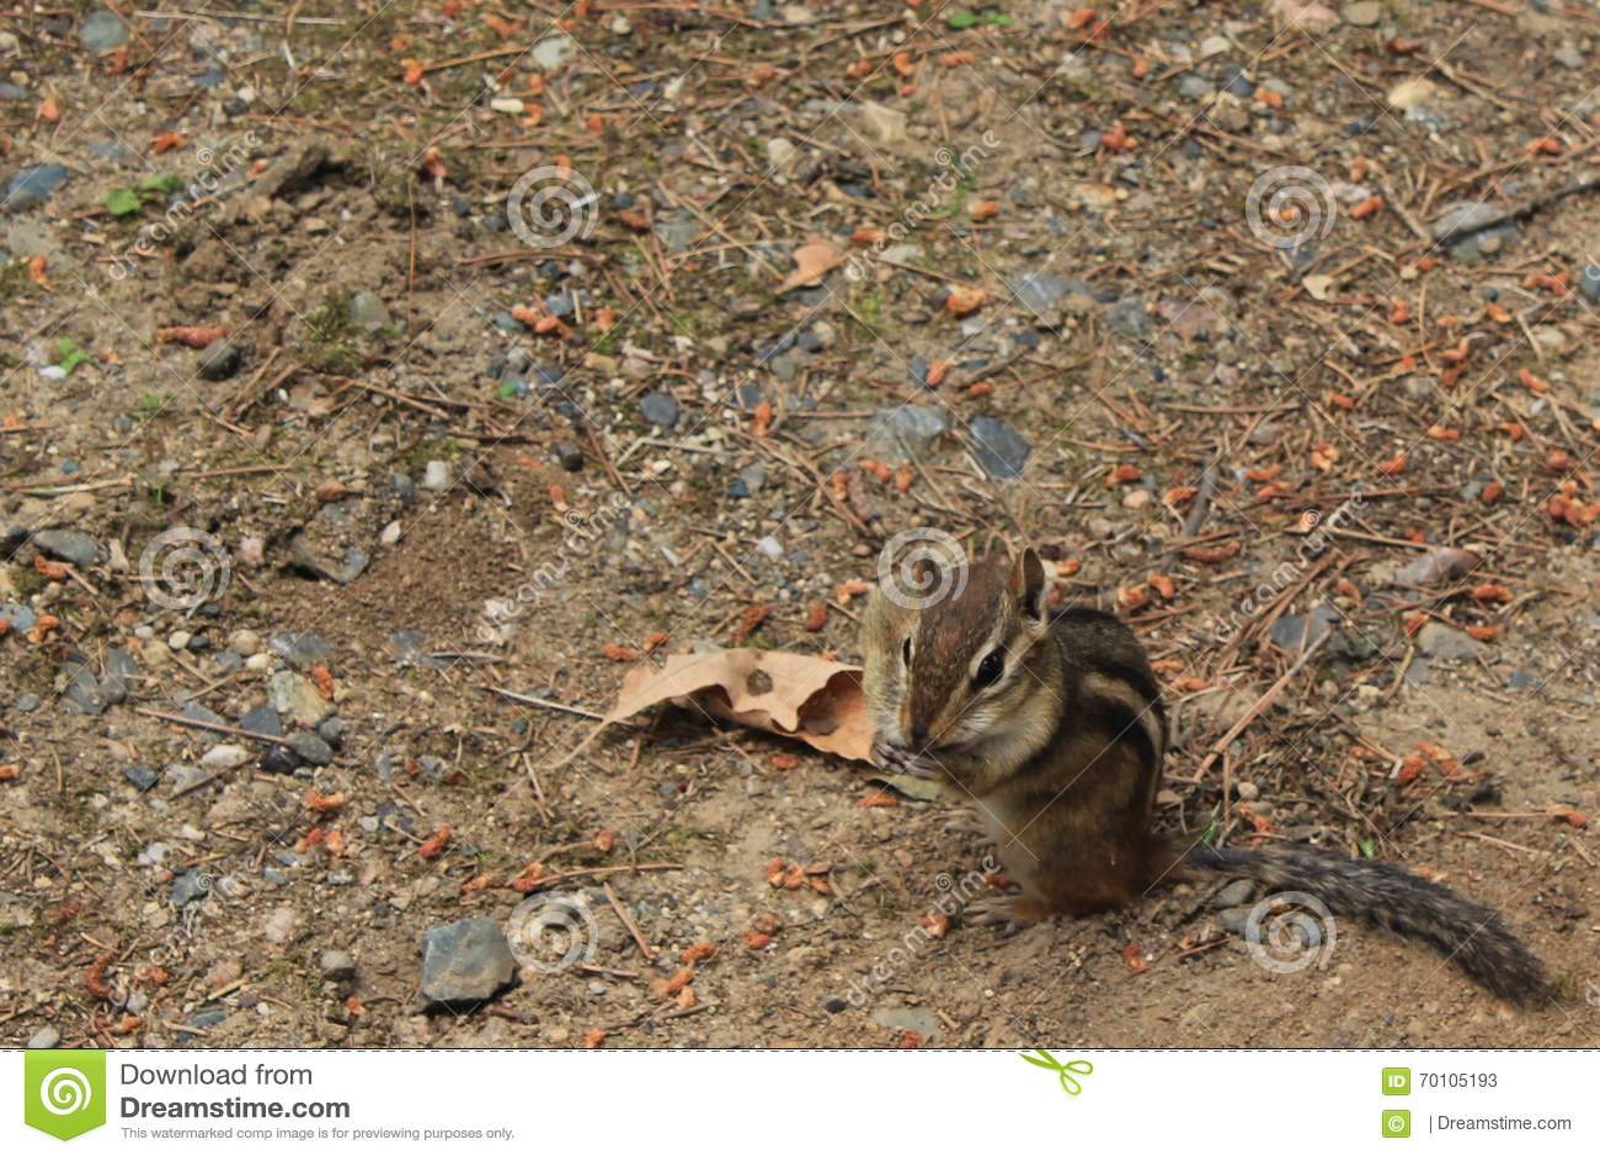 Сибирский бурундук с арахисом в своей щеке